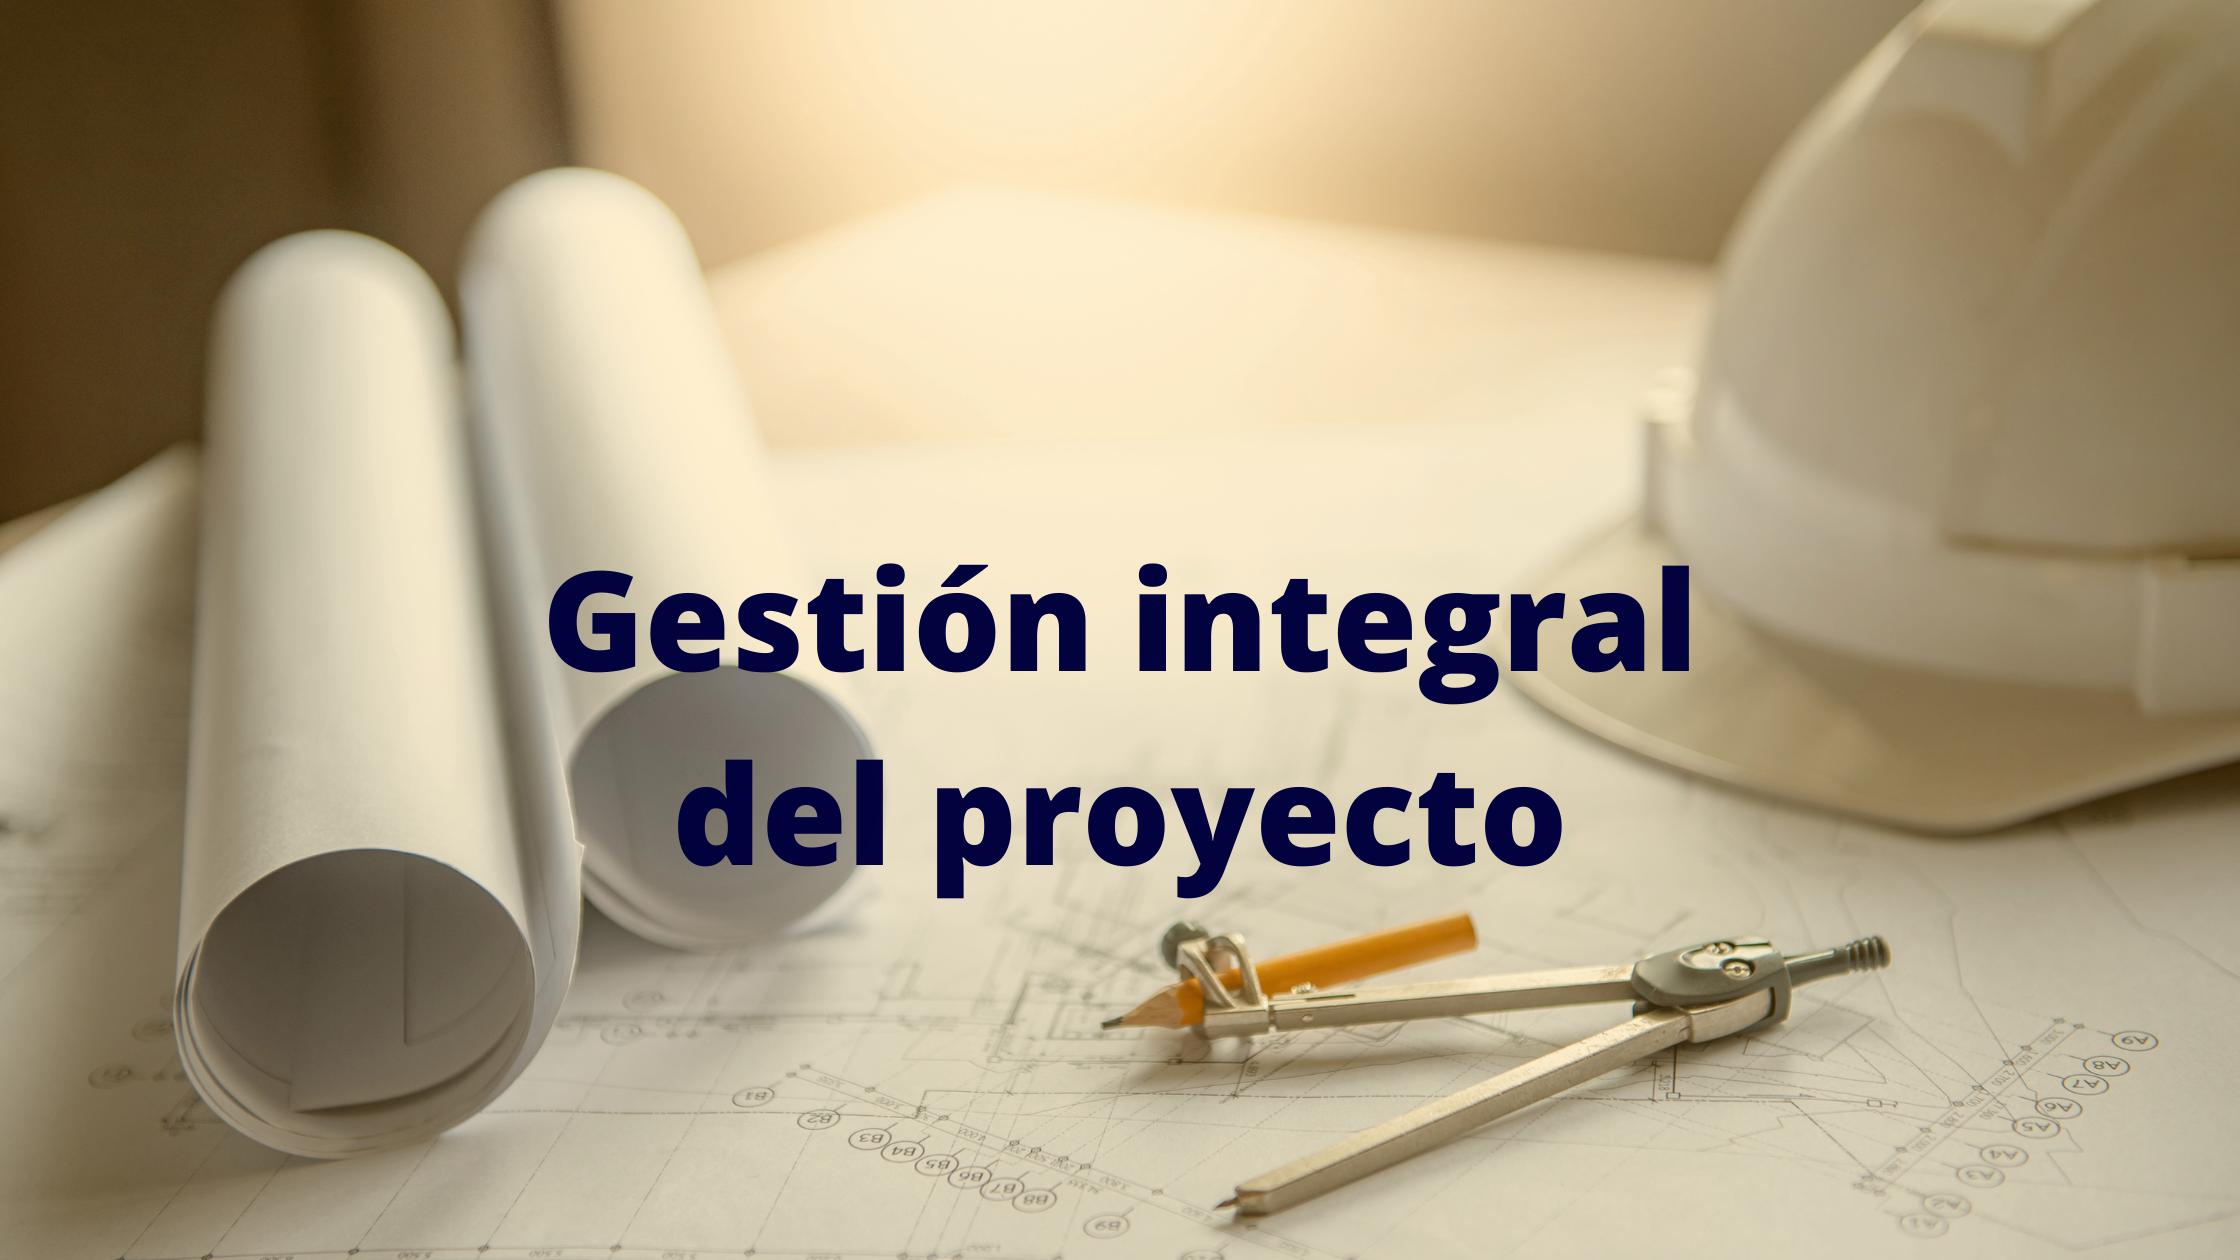 confiasistencia se encarga de la gestión integral del proyecto